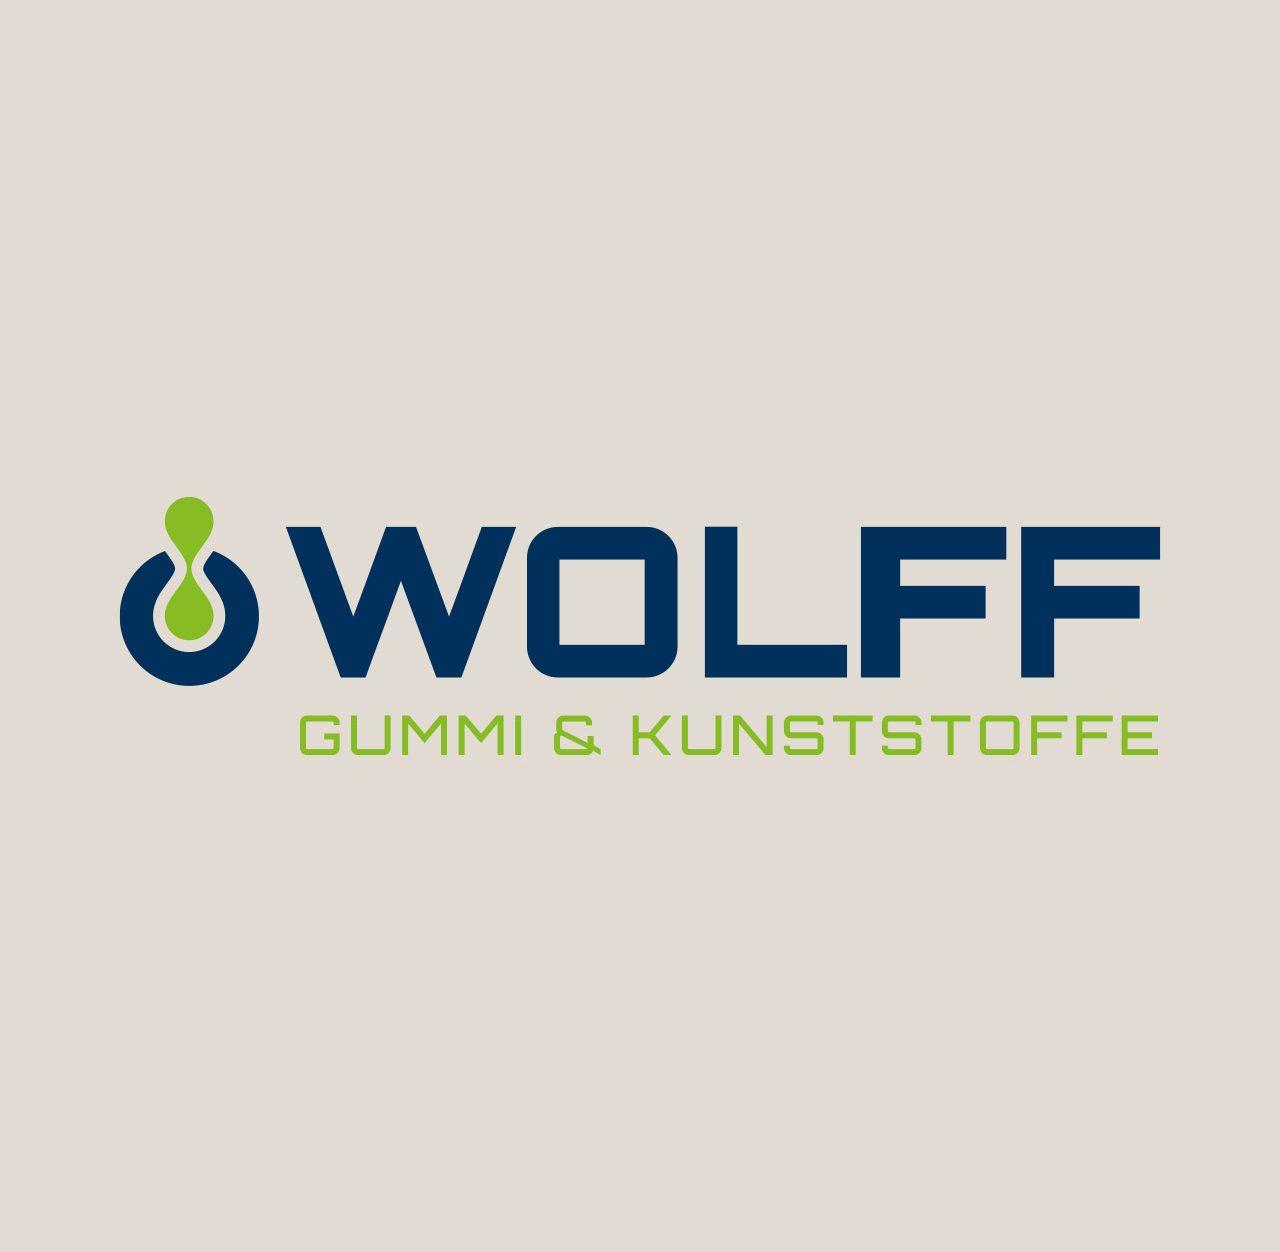 wolff_1280x1280